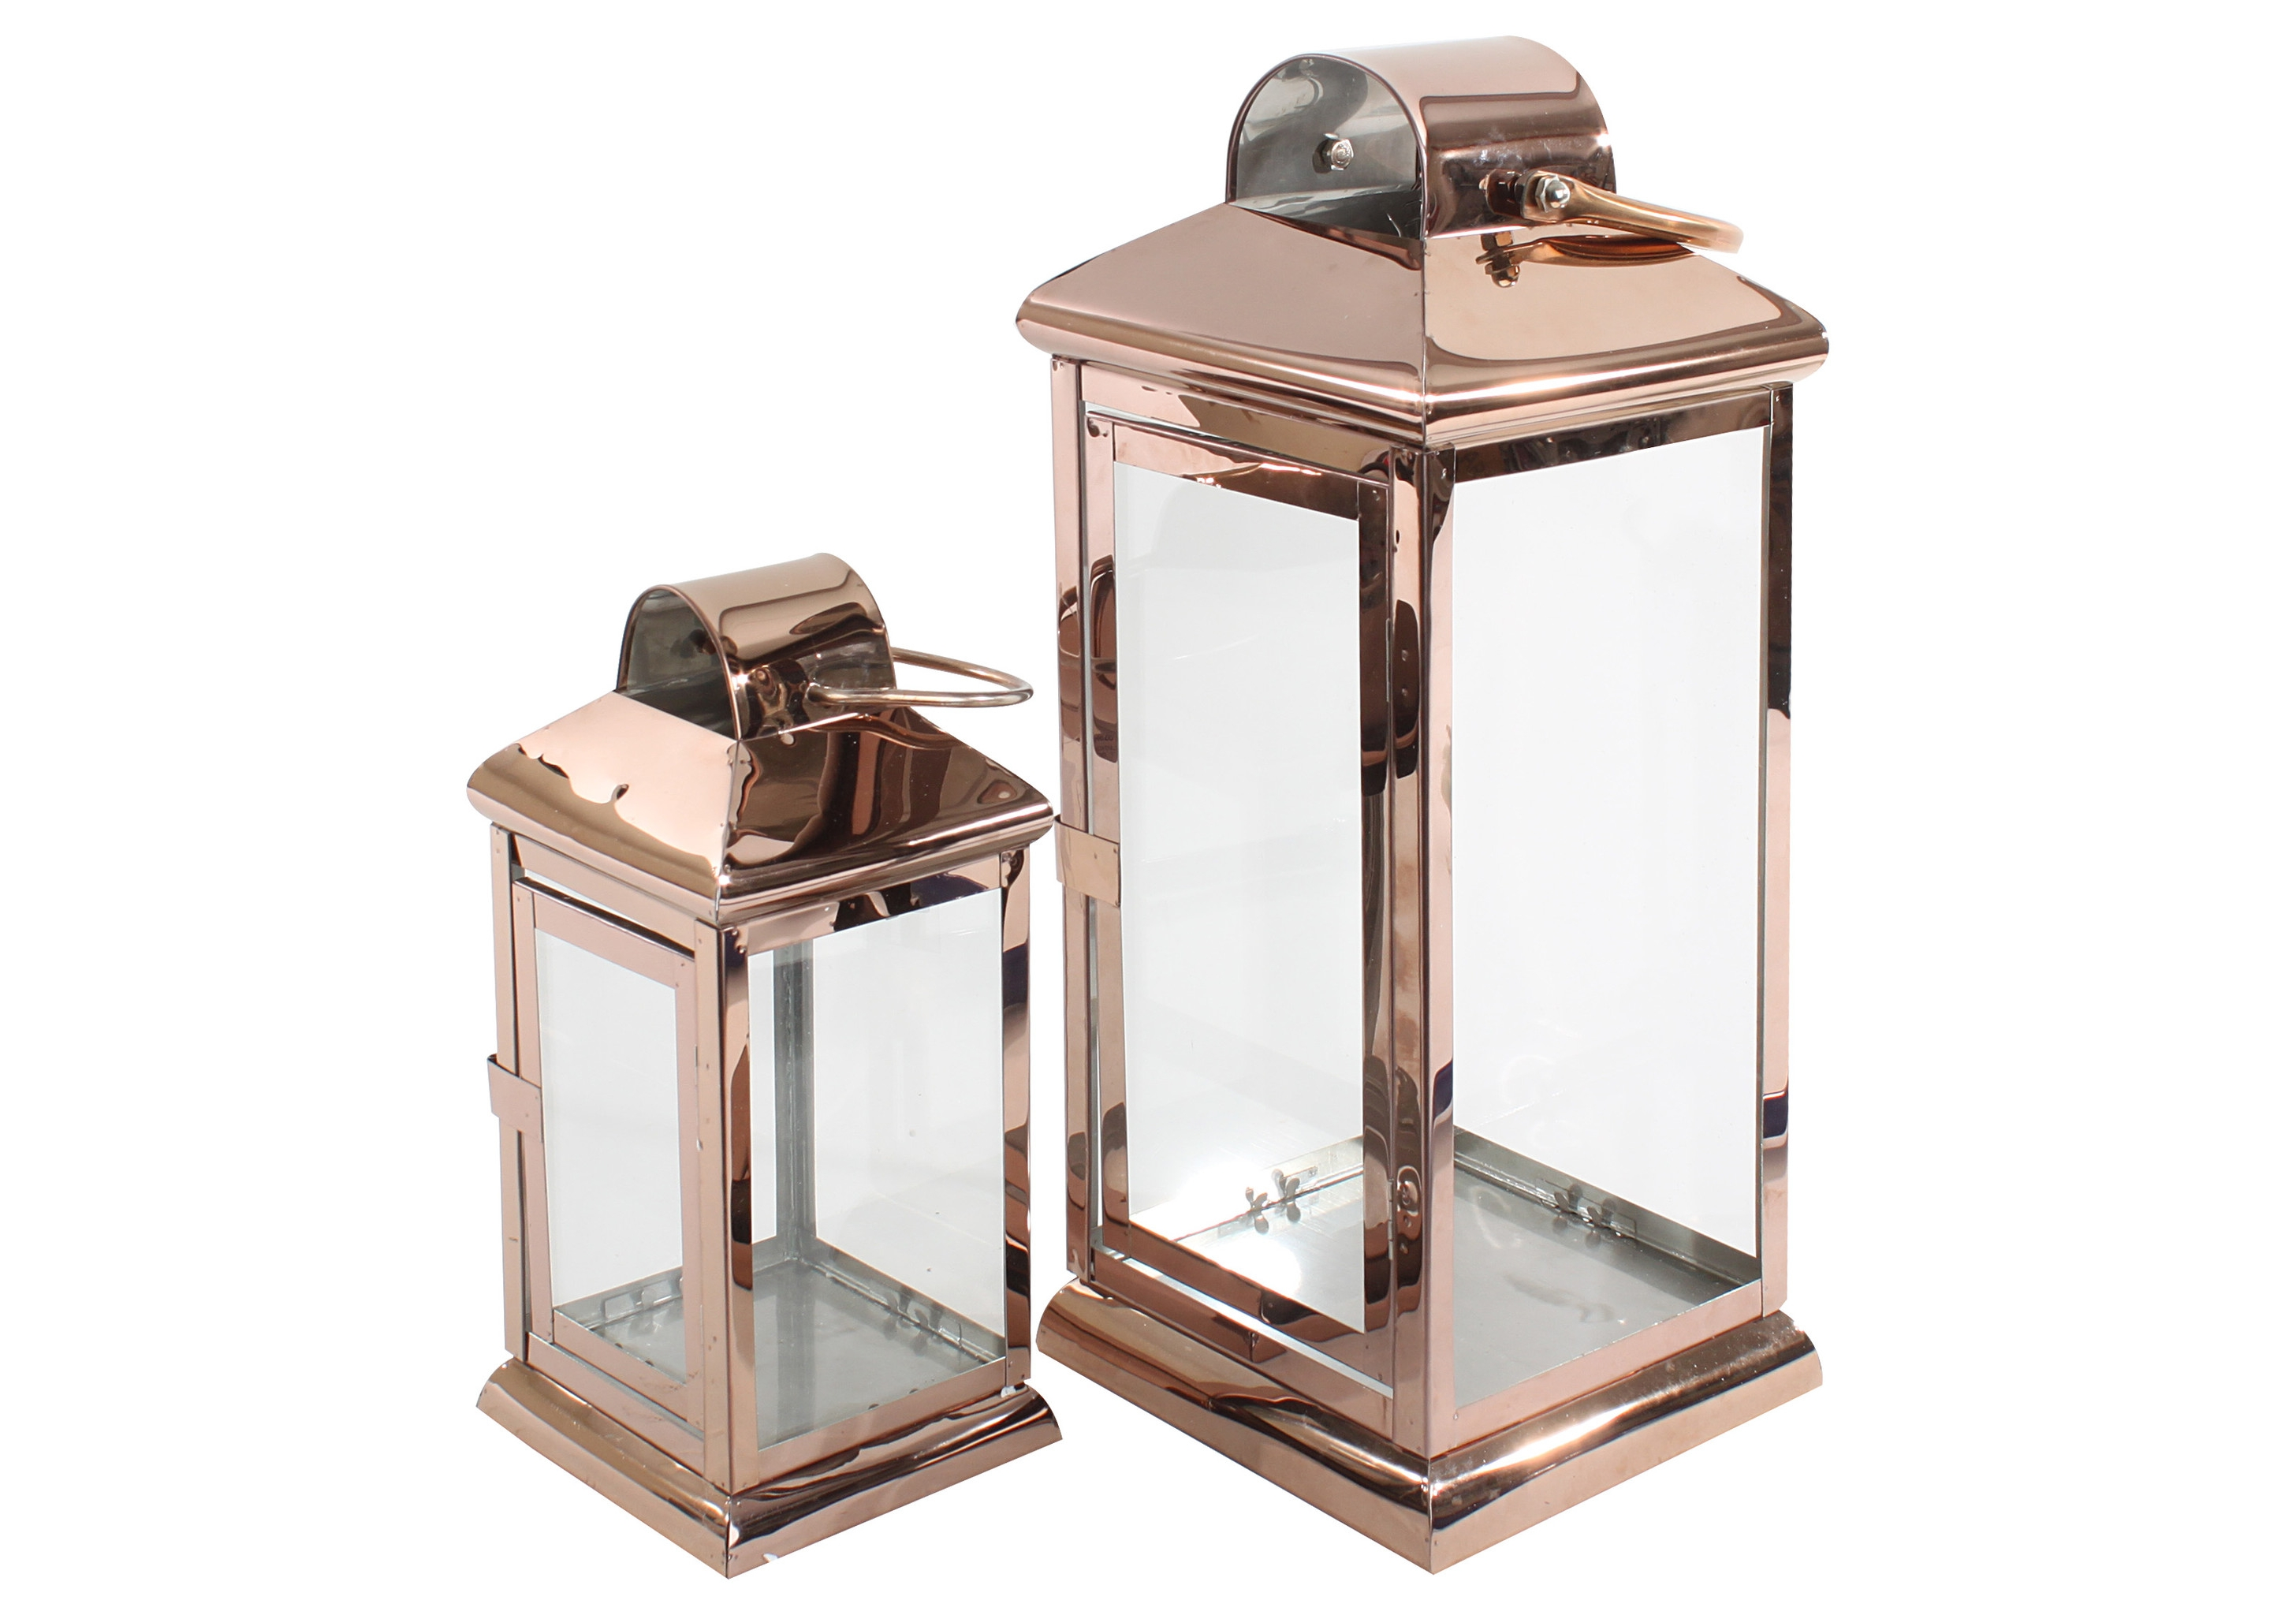 Набор из двух фонарейПодсвечники<br>&amp;lt;div&amp;gt;Два фонаря из металла бронзового цвета со стеклянными стенками выглядят и романтично, и современно. Пламя свечей, установленных внутрь, будет многократно отражаться в металлических поверхностях и создаст особый романтичный антураж.&amp;lt;br&amp;gt;&amp;lt;/div&amp;gt;&amp;lt;div&amp;gt;Размеры фонариков:&amp;lt;/div&amp;gt;&amp;lt;div&amp;gt;1.длина: 13 см ширина: 13 см высота: 28 см;&amp;lt;/div&amp;gt;&amp;lt;div&amp;gt;2.длина: 18 см ширина: 18 см высота: 42,5 см.&amp;lt;/div&amp;gt;<br><br>Material: Металл<br>Length см: 18<br>Width см: 18<br>Height см: 42,5